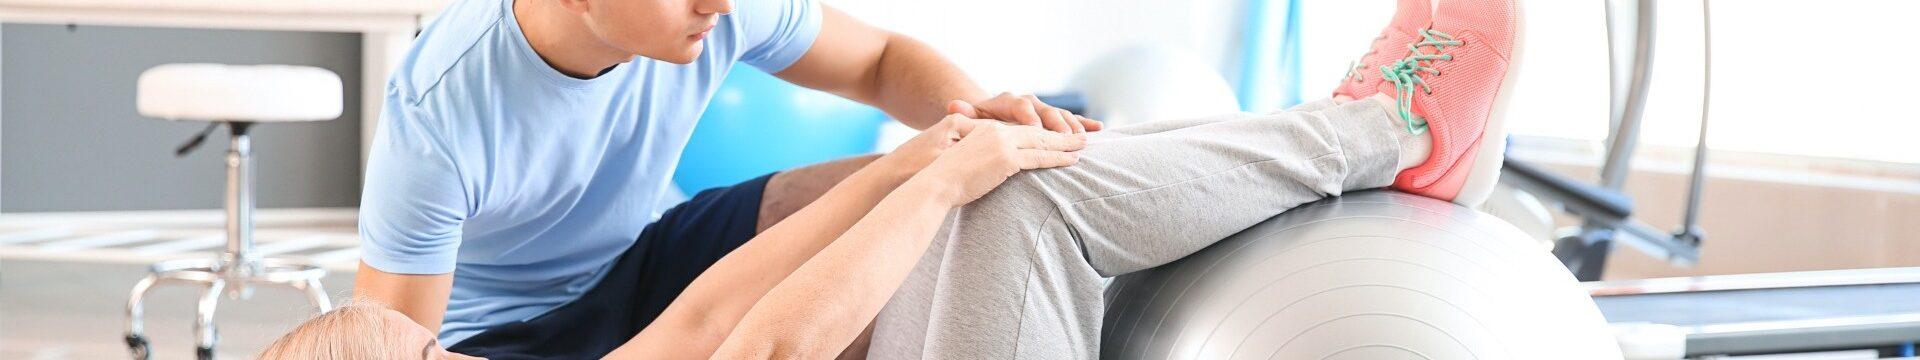 Реабилитация при болях в спине в центре Наша забота